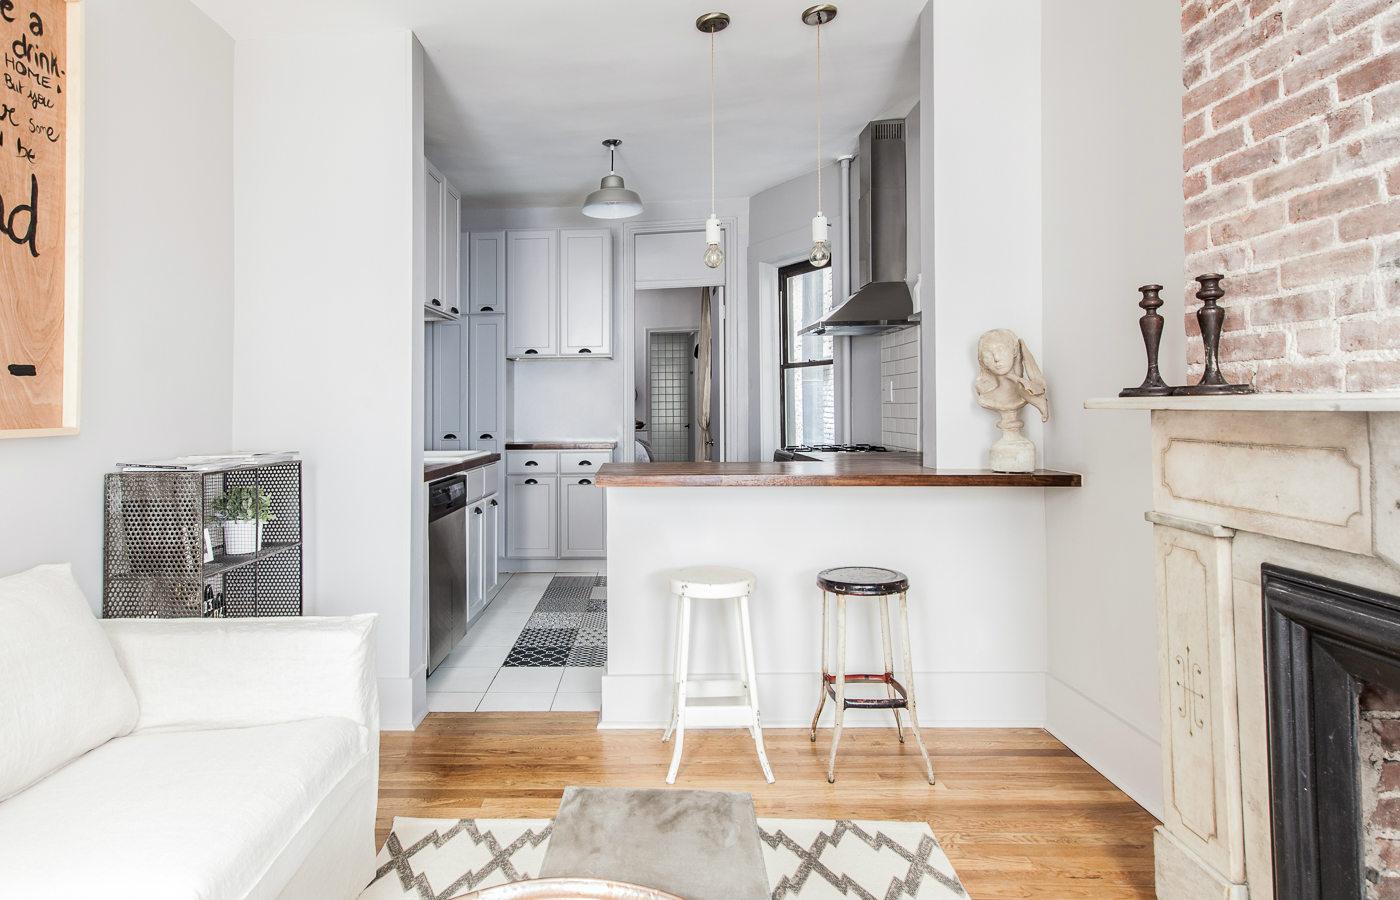 Appartement locatif de caractere | Upper East Side, New York City